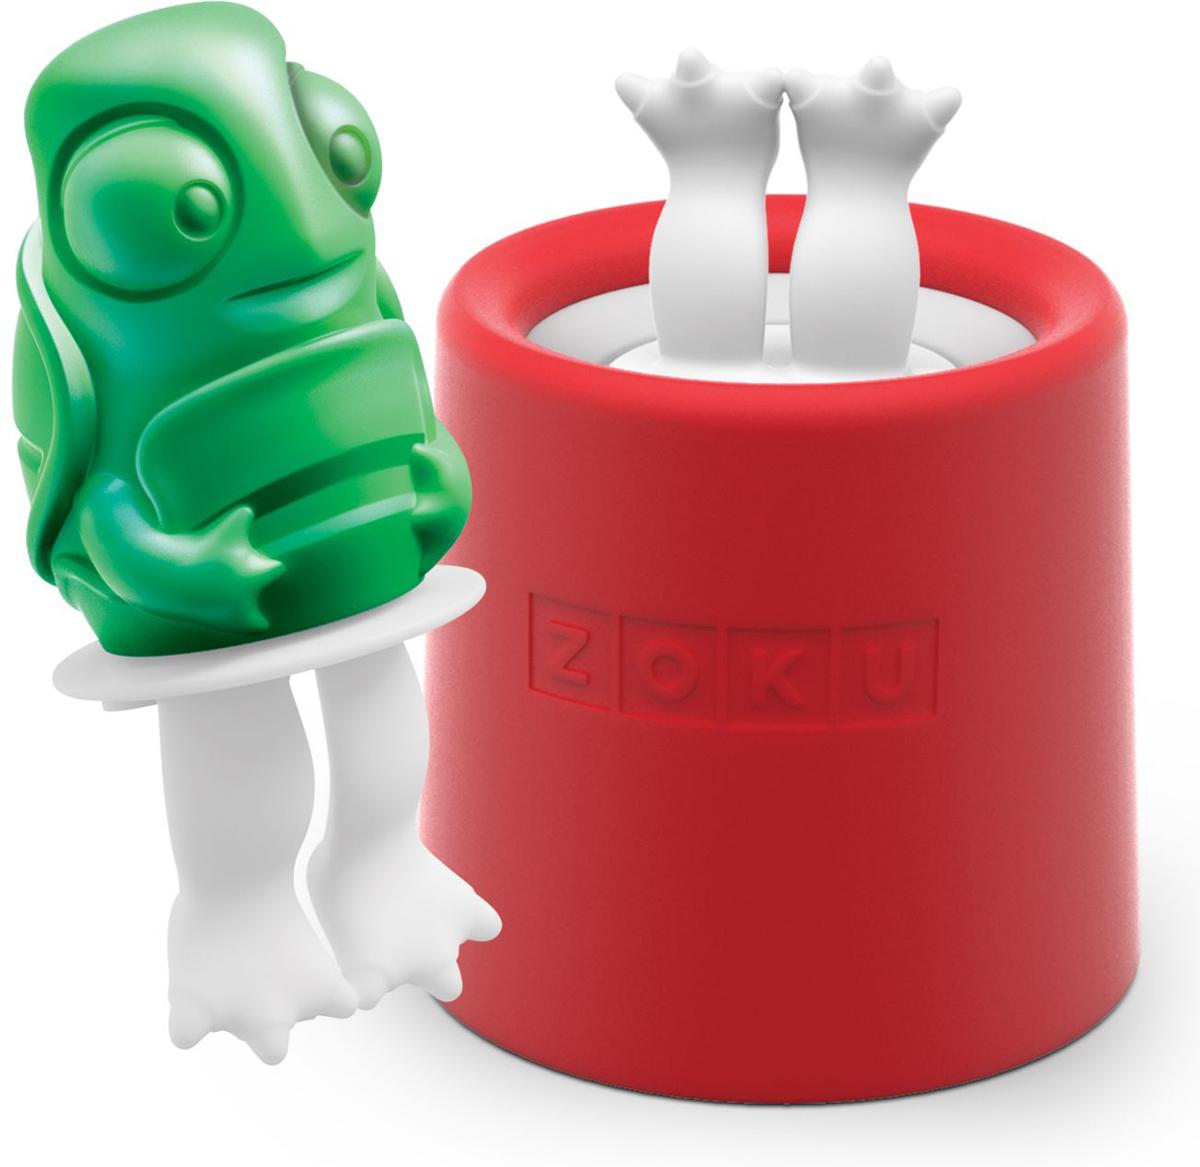 Форма для мороженого Zoku Turtle, цвет: красный, 45 мл. ZK123-012ZK123-012Уникальная коллекция формочек для мороженого включает в себя 8 разных фигурок, с помощью которых вы сможете готовить вкусные и полезные домашние десерты. Теперь каждому члену семьи достанется свой персонаж, и не придется путаться в том, кому и какое лакомство принадлежит. Для приготовления мороженого залейте жидкость в форму до отметки и вставьте внутрь палочку. Оставьте в морозильной камере на восемь и более часов. Когда продукт готов, просто вытащите палочку и наслаждайтесь натуральным десертом собственного приготовления. Объем - 45 мл. Форма не содержит вредных примесей и бисфенола-А. Моется вручную.